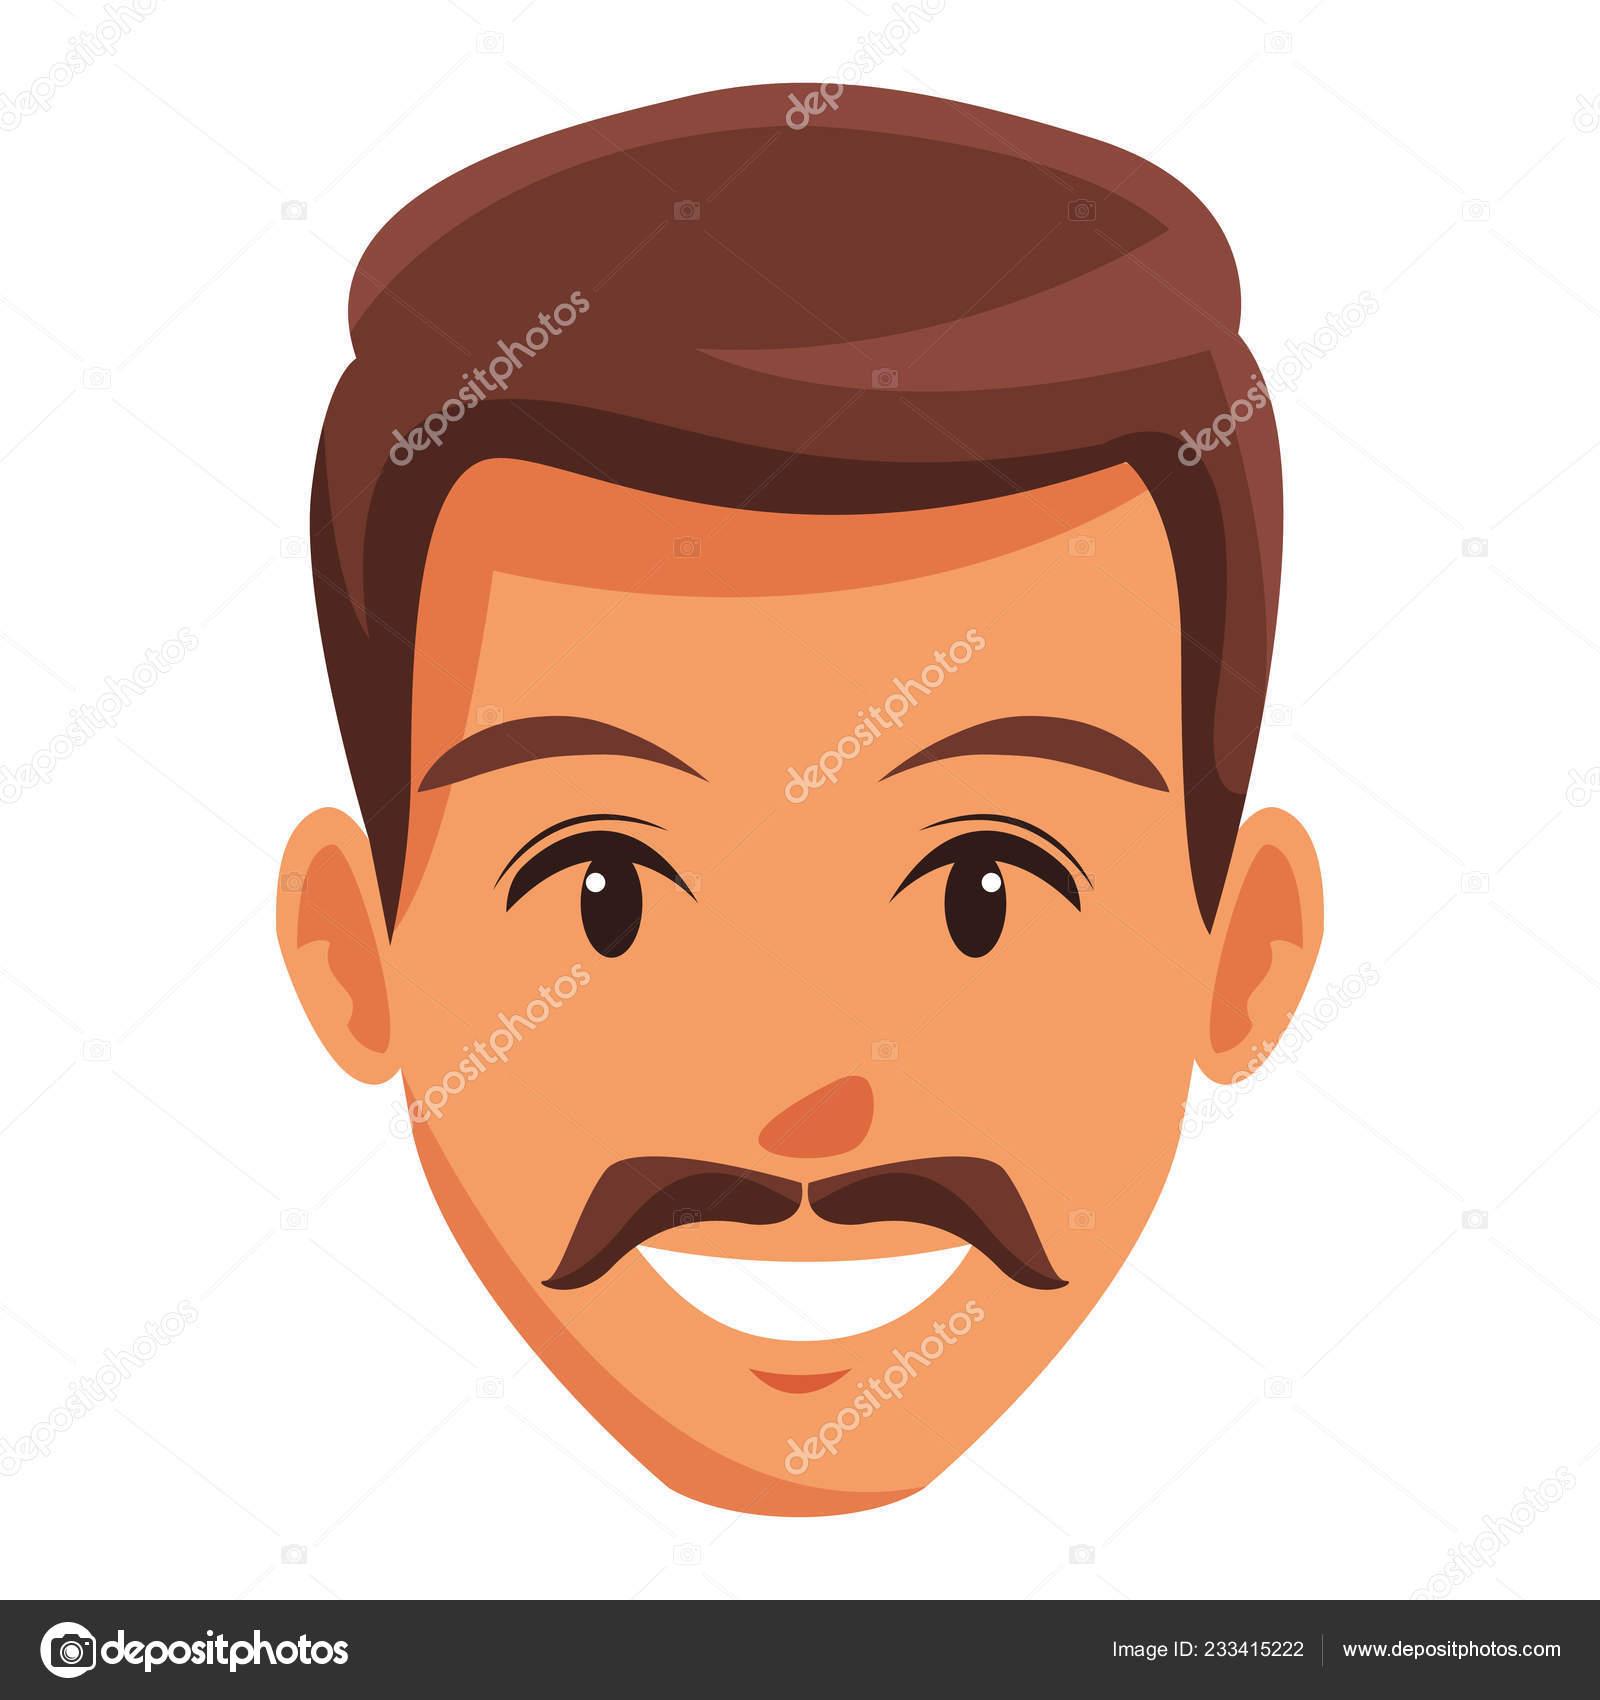 Cute Man Face Cartoon Stock Vector C Jemastock 233415222